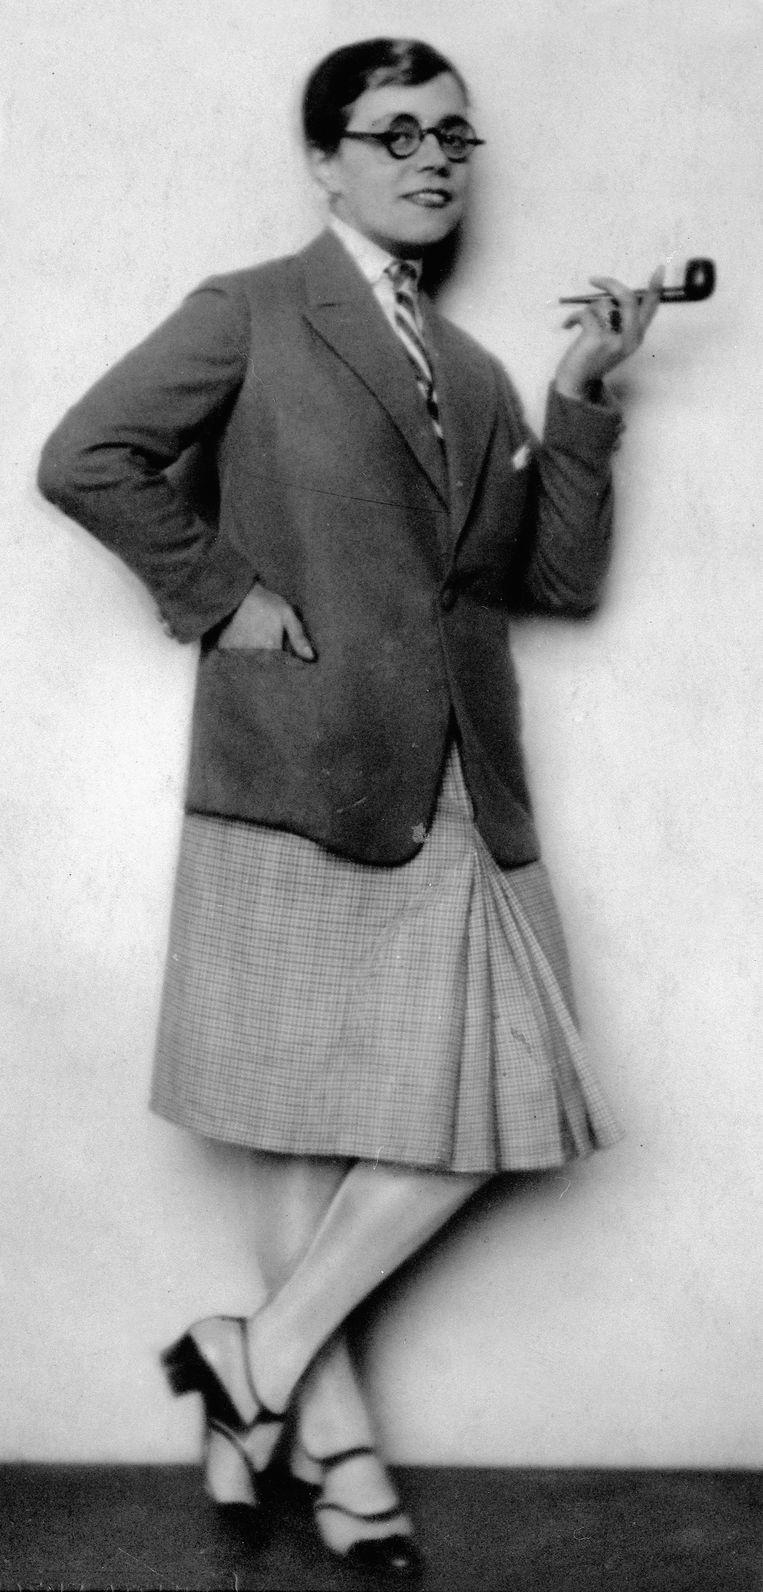 De 'garçonne' oftewel jongensmeisje was in de jaren 1920 het nieuwe ideaal voor de vrouw.  Beeld Getty